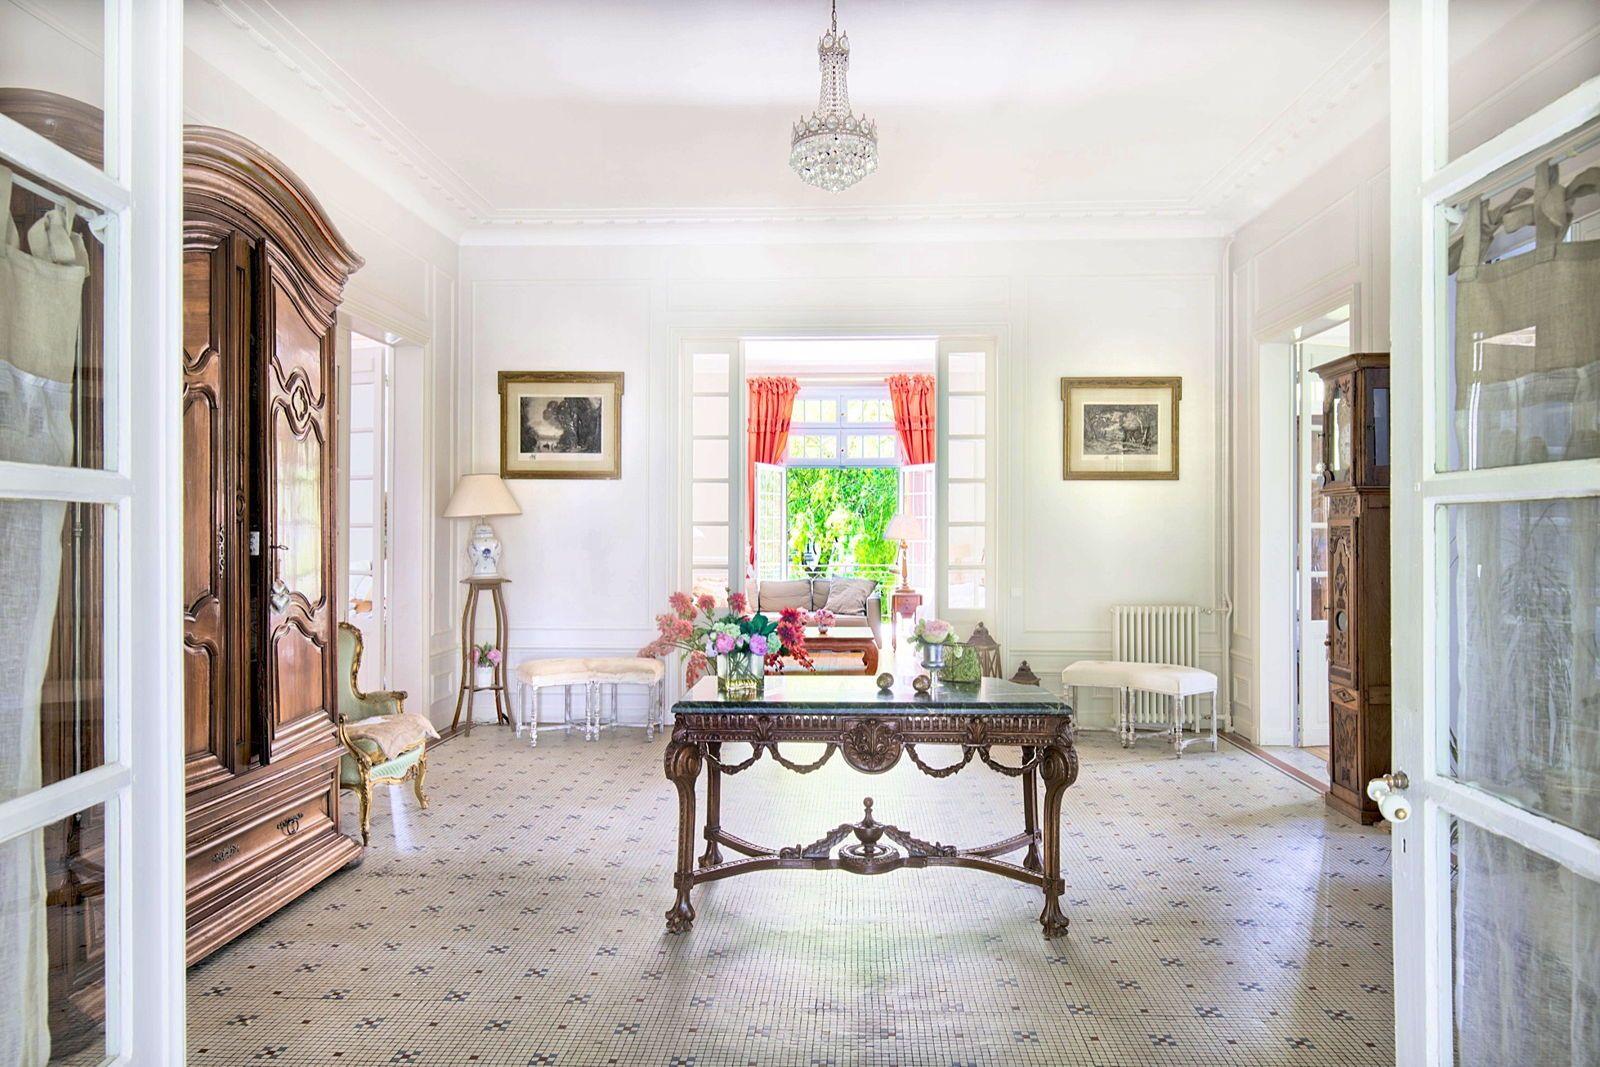 Vends Maison de Maitre, Senlis (Oise) -363m²-5chambres et dependance